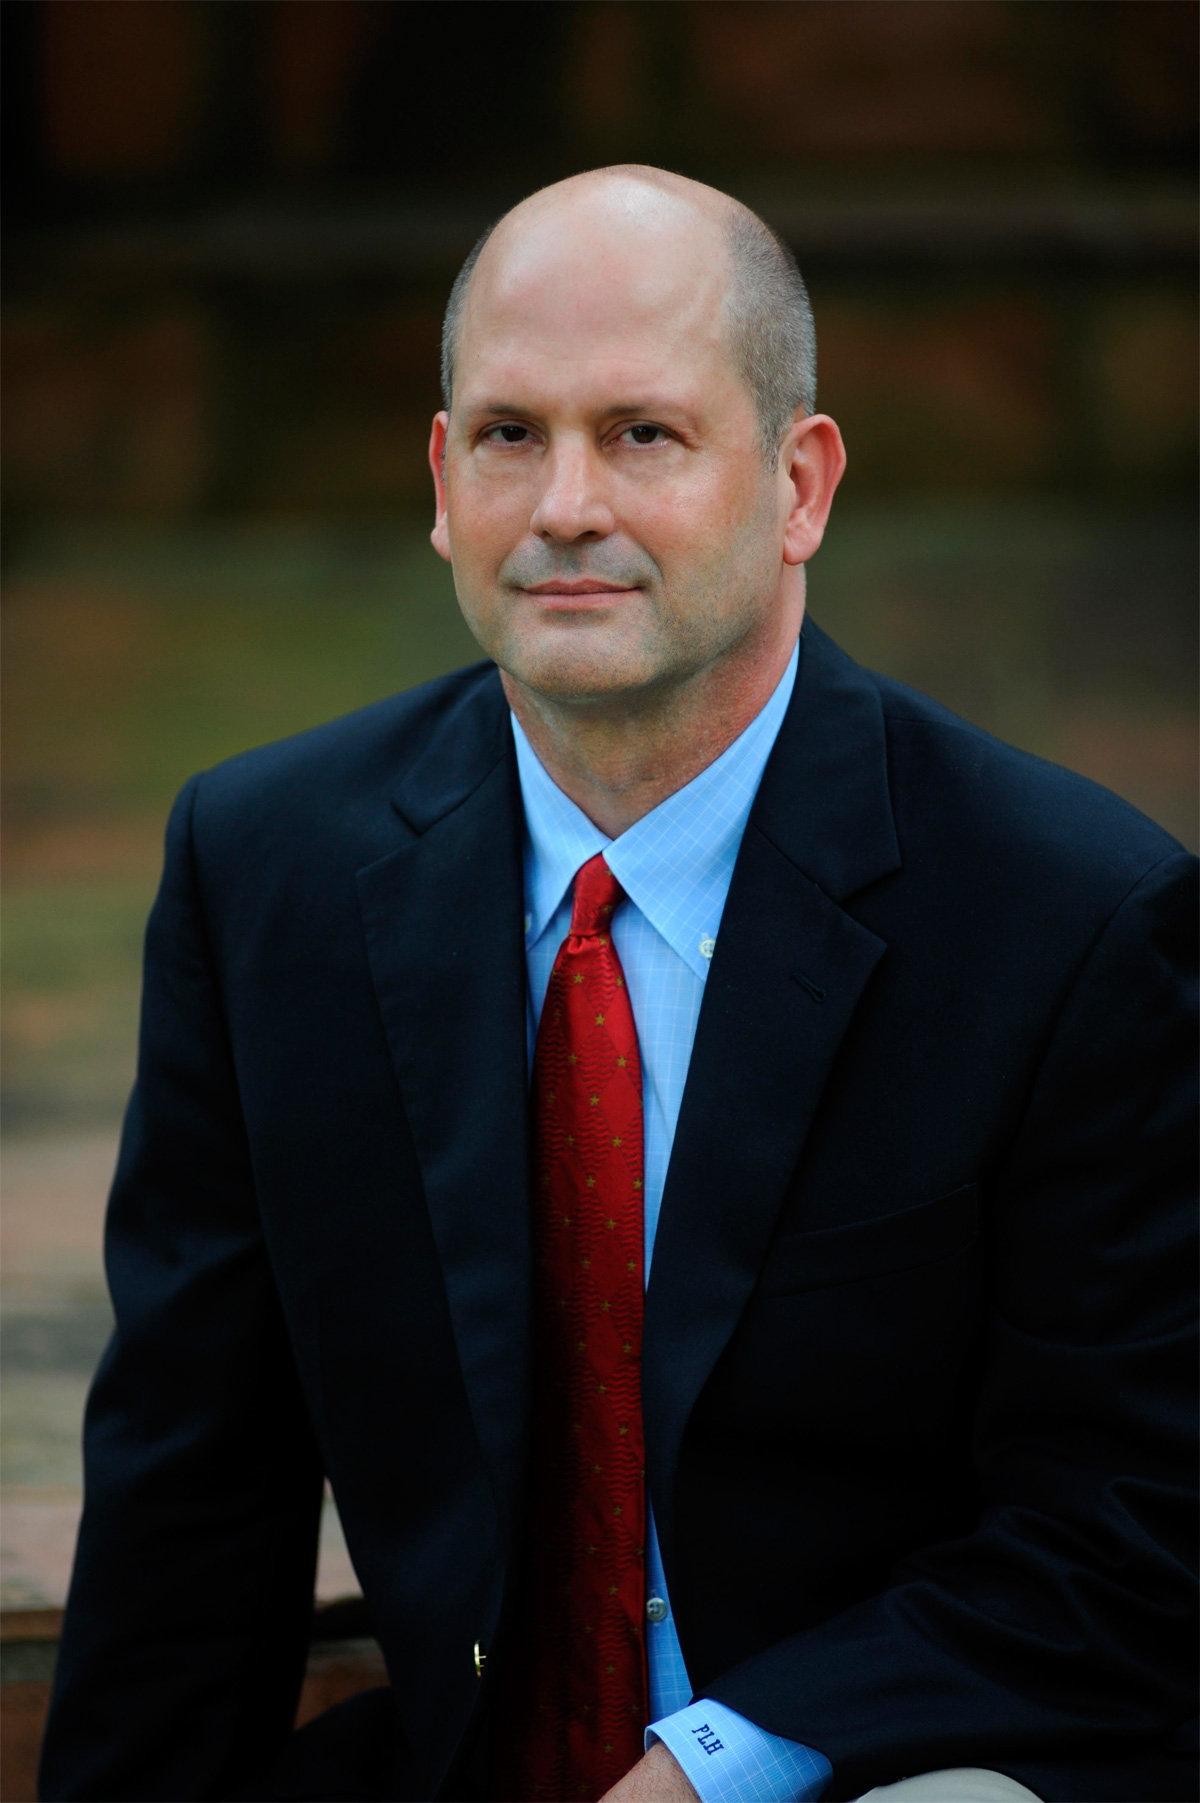 Patrick Hancock Profile Picture